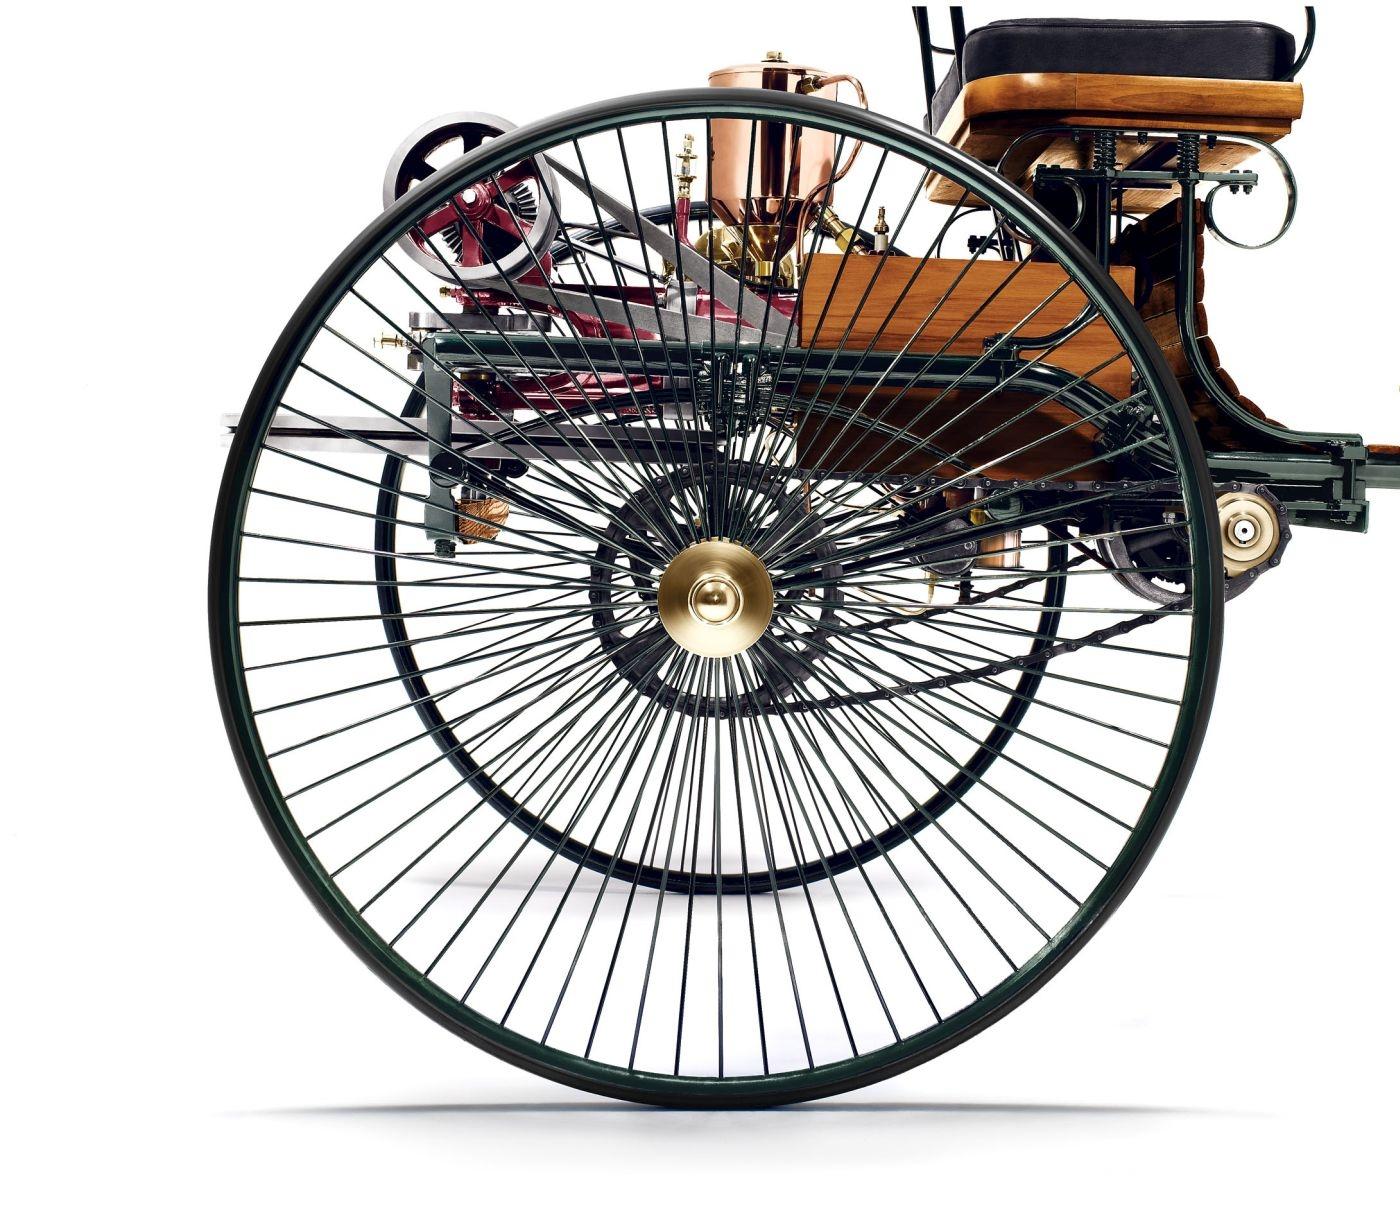 Benz Patent-Motorwagen (15)